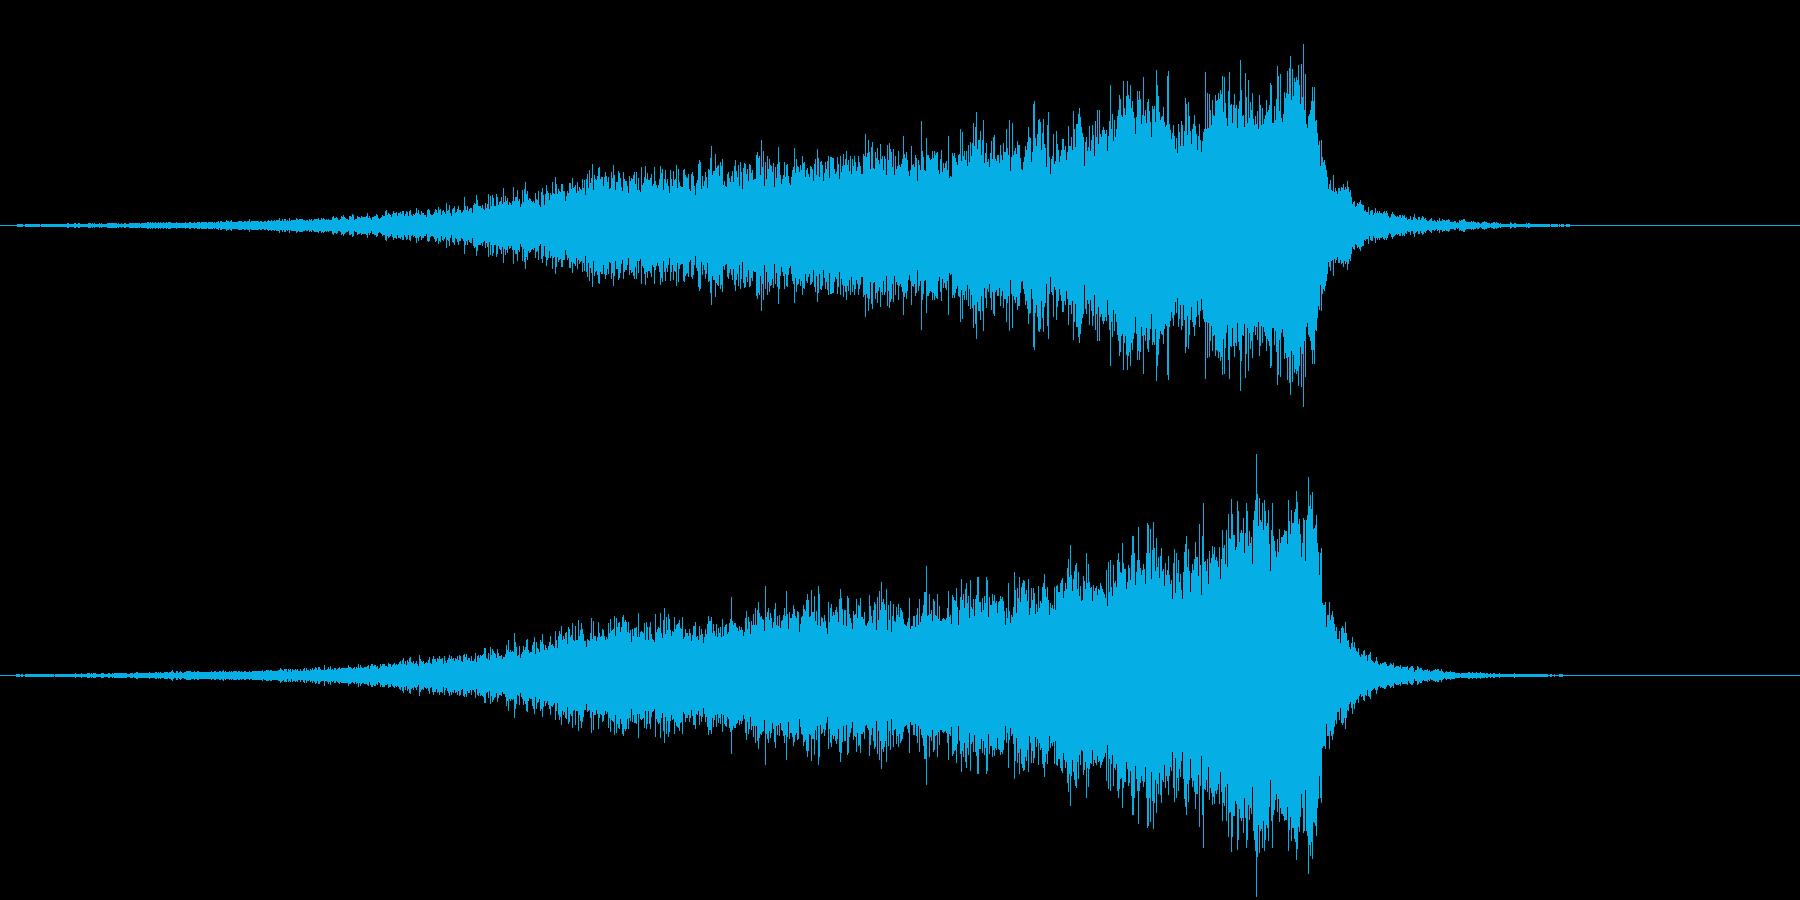 【ライザー】 26 SFサウンドの再生済みの波形